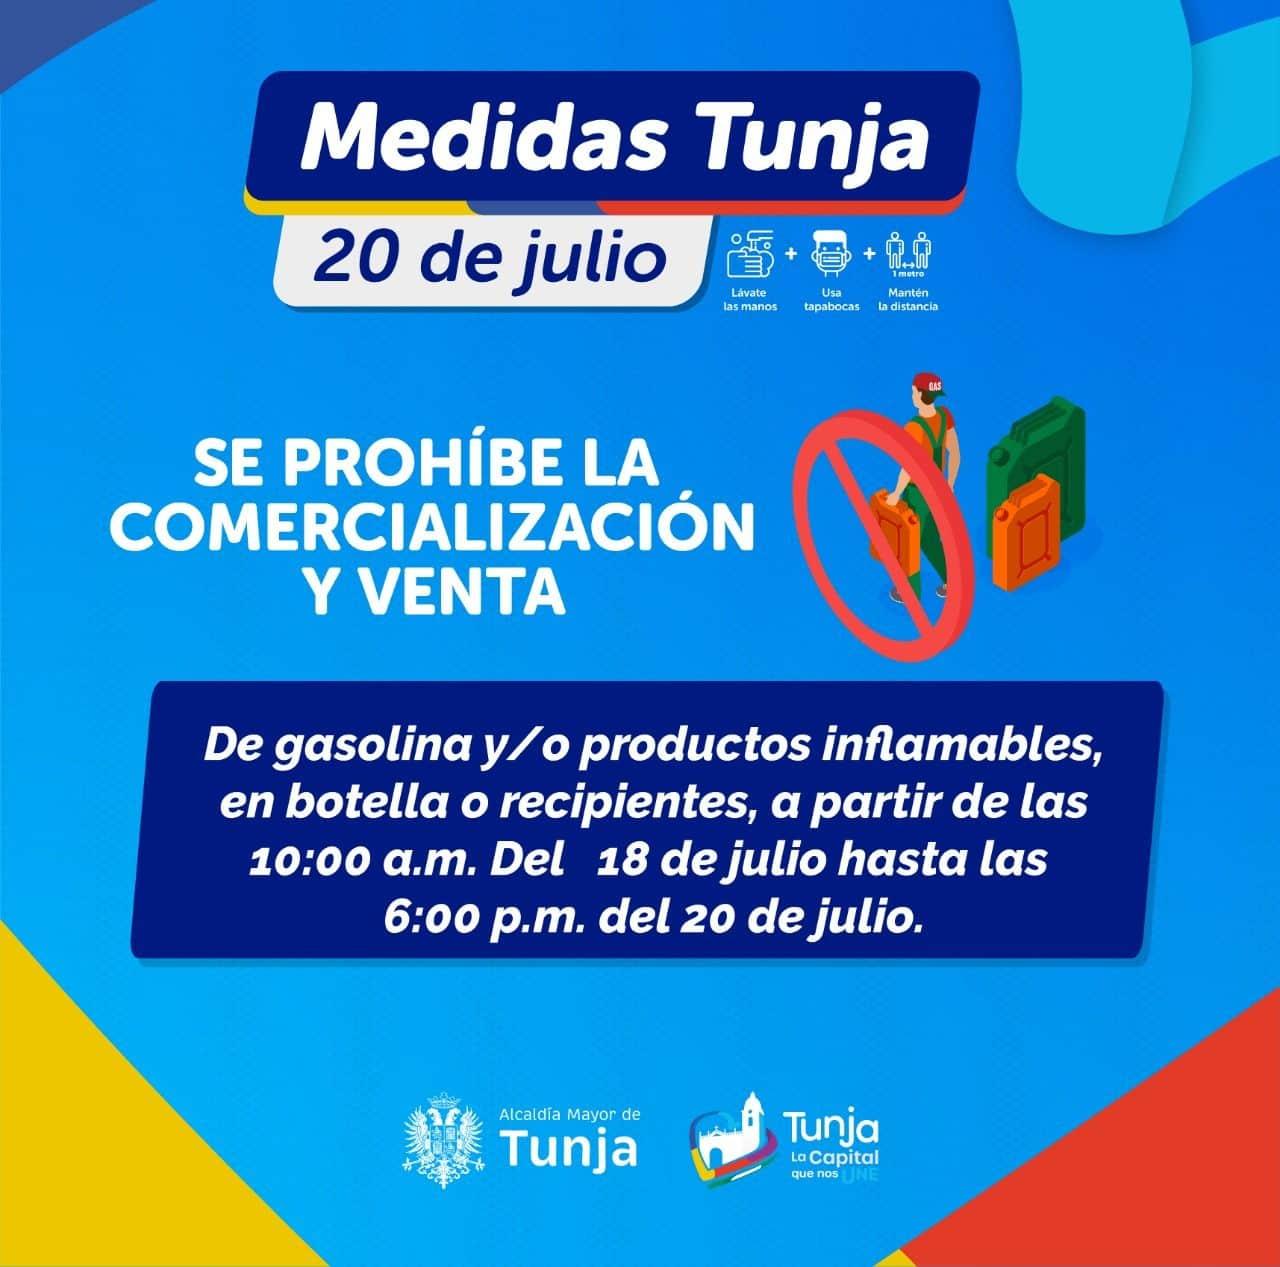 Atentos: estas son las medidas para mañana 20 de julio en Tunja 1